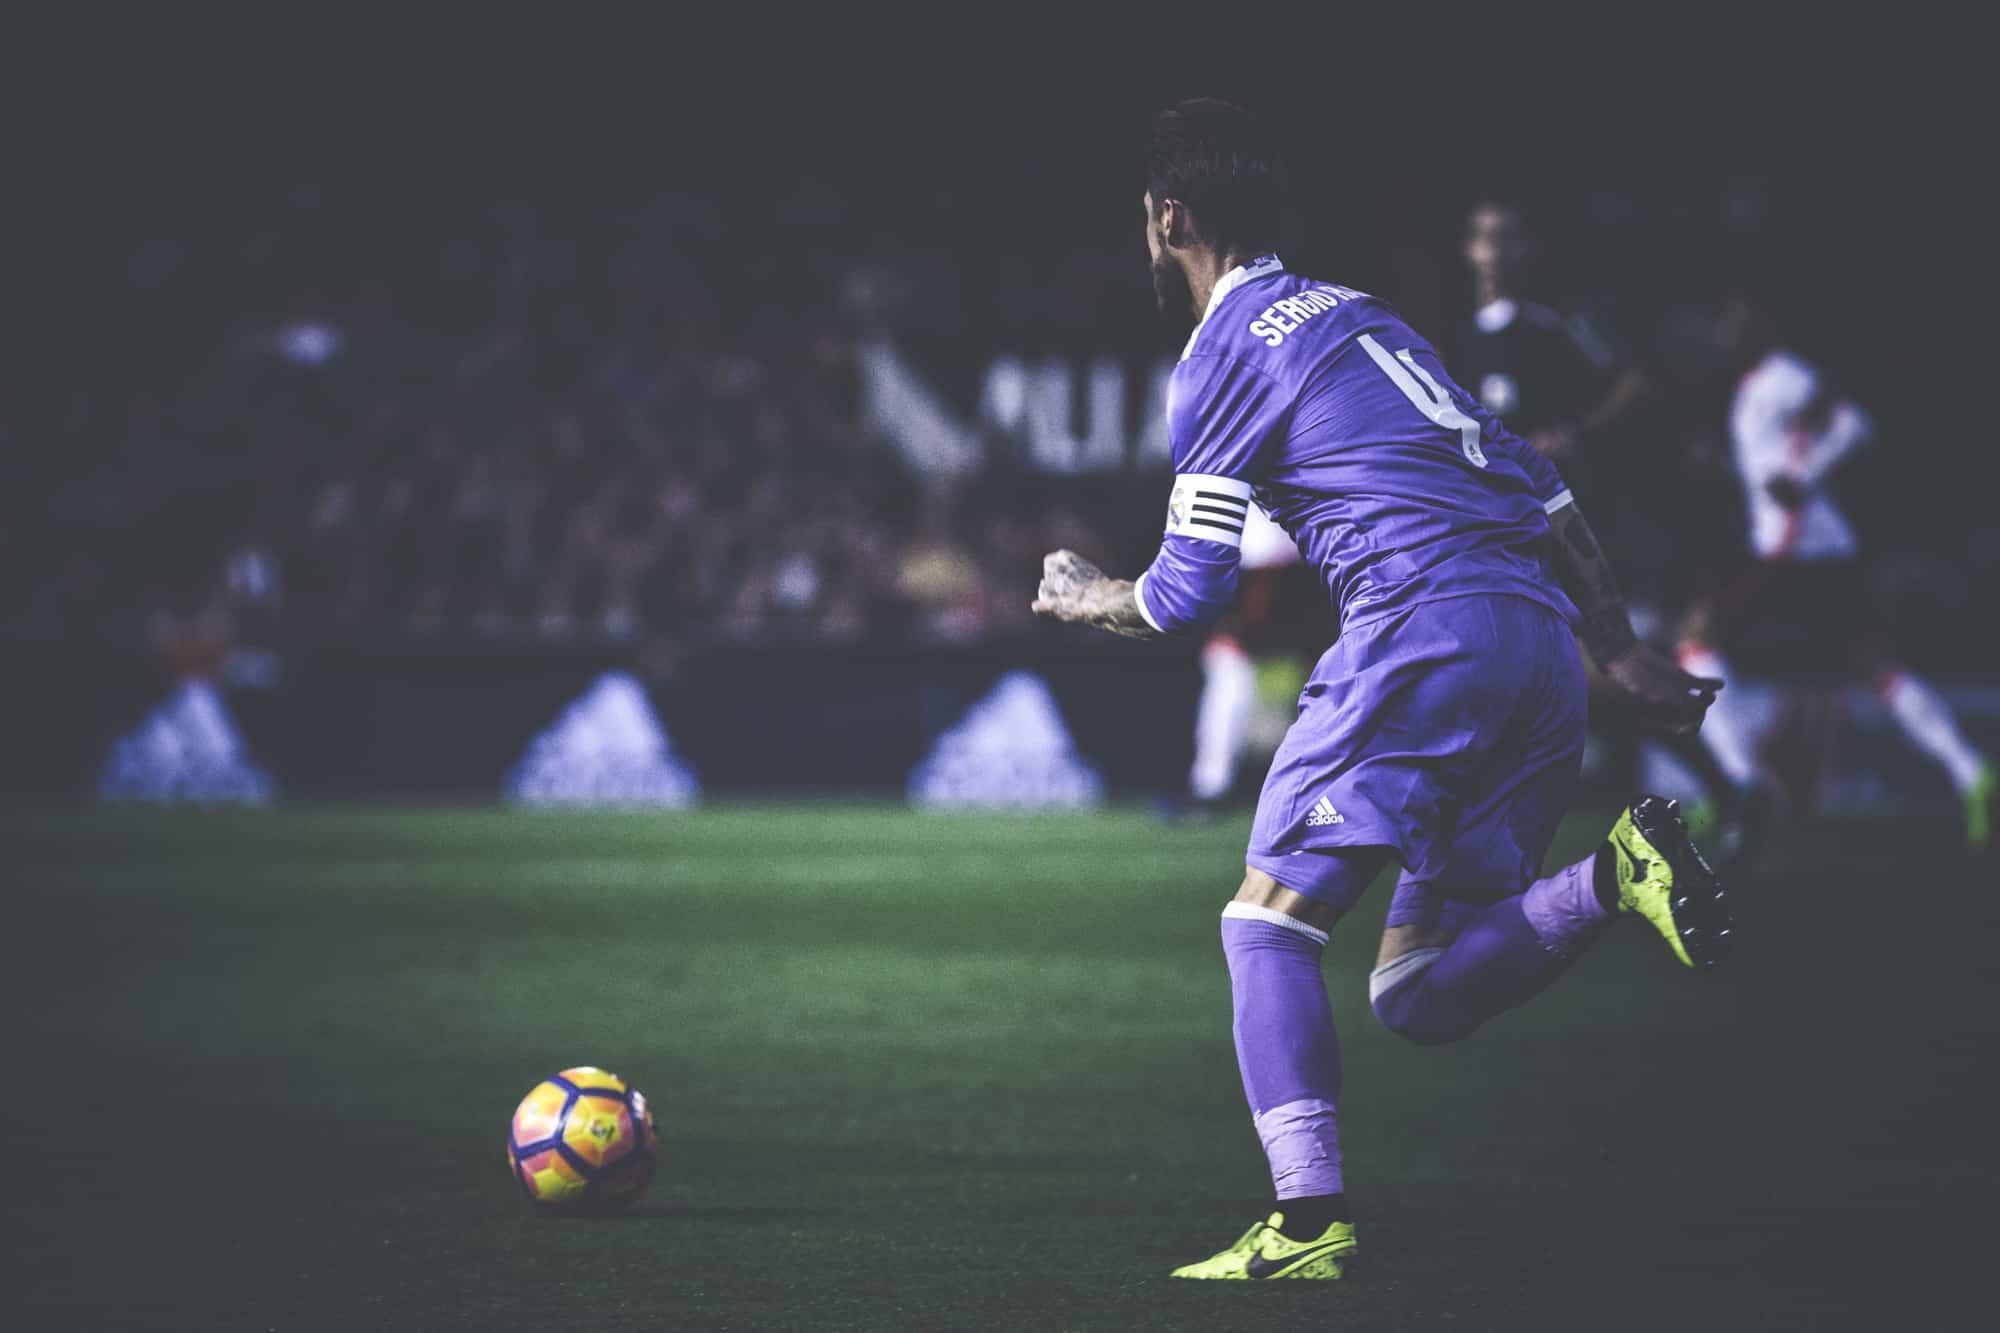 Barcelona 1 Real Madrid 3 - Second-half Ramos goal helps win El Classico